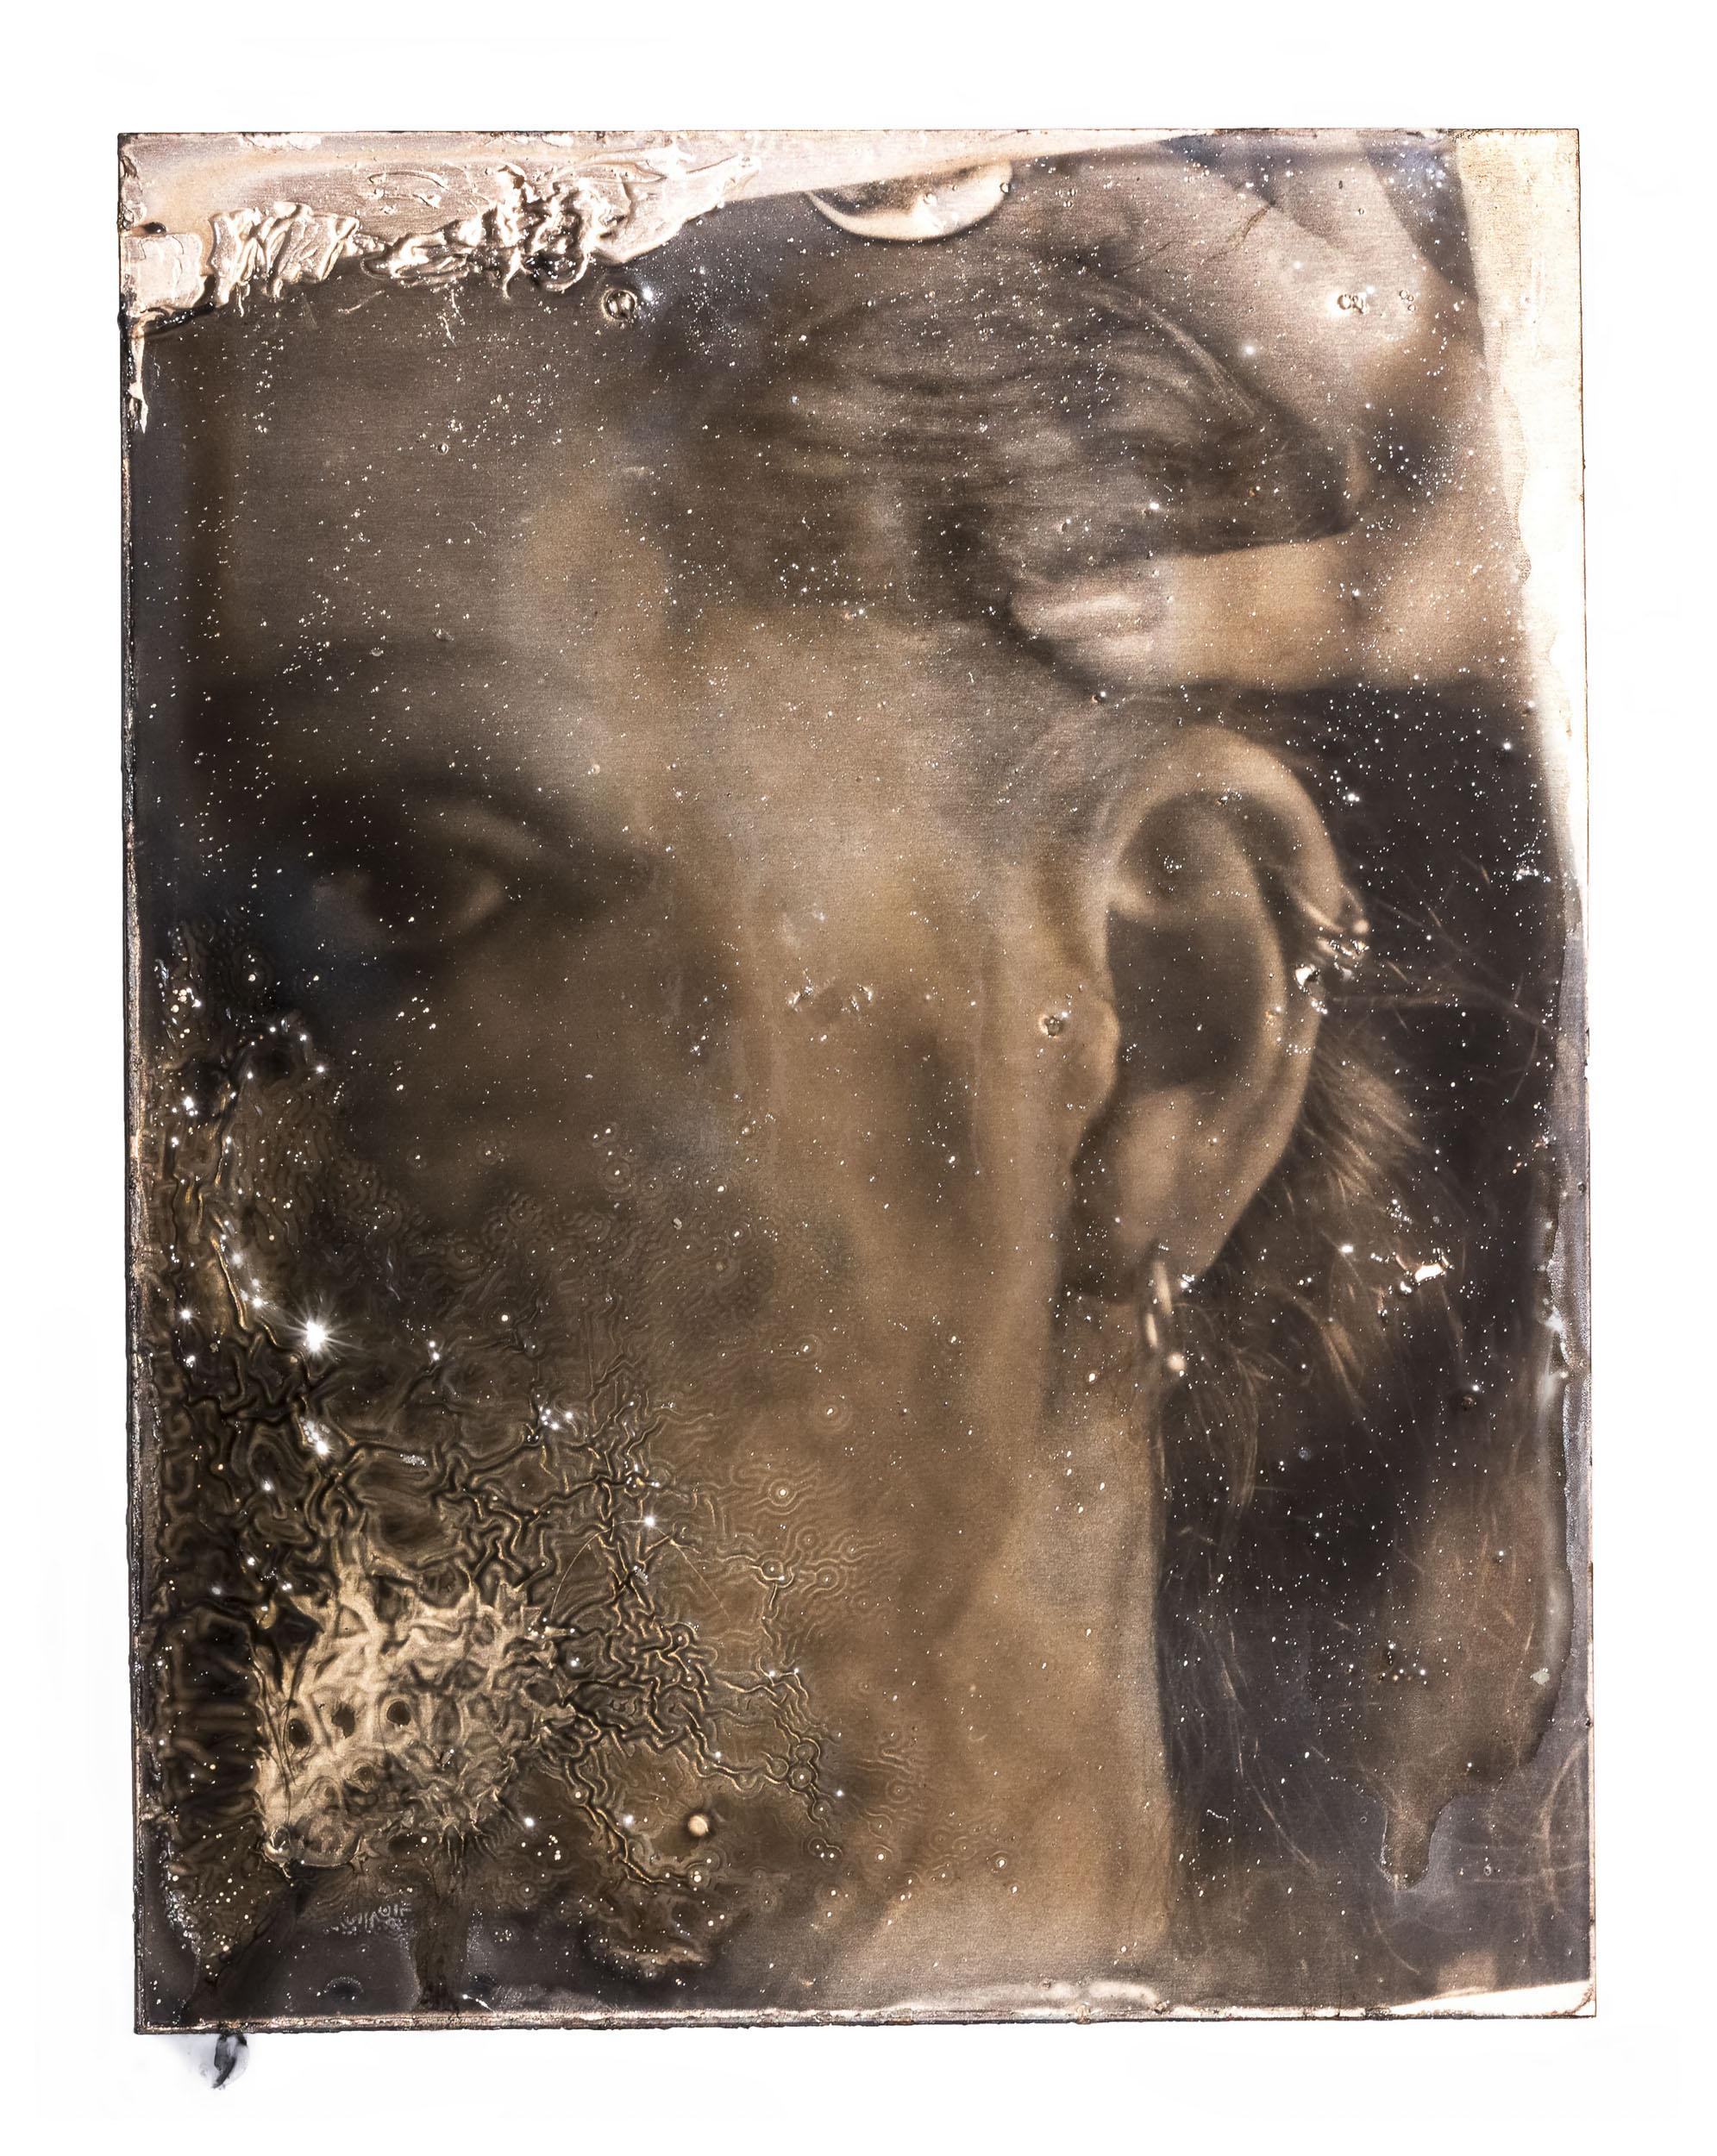 Self in Exploding Copper Print, 18.1*14.5 inch, Archival Inkjet Print